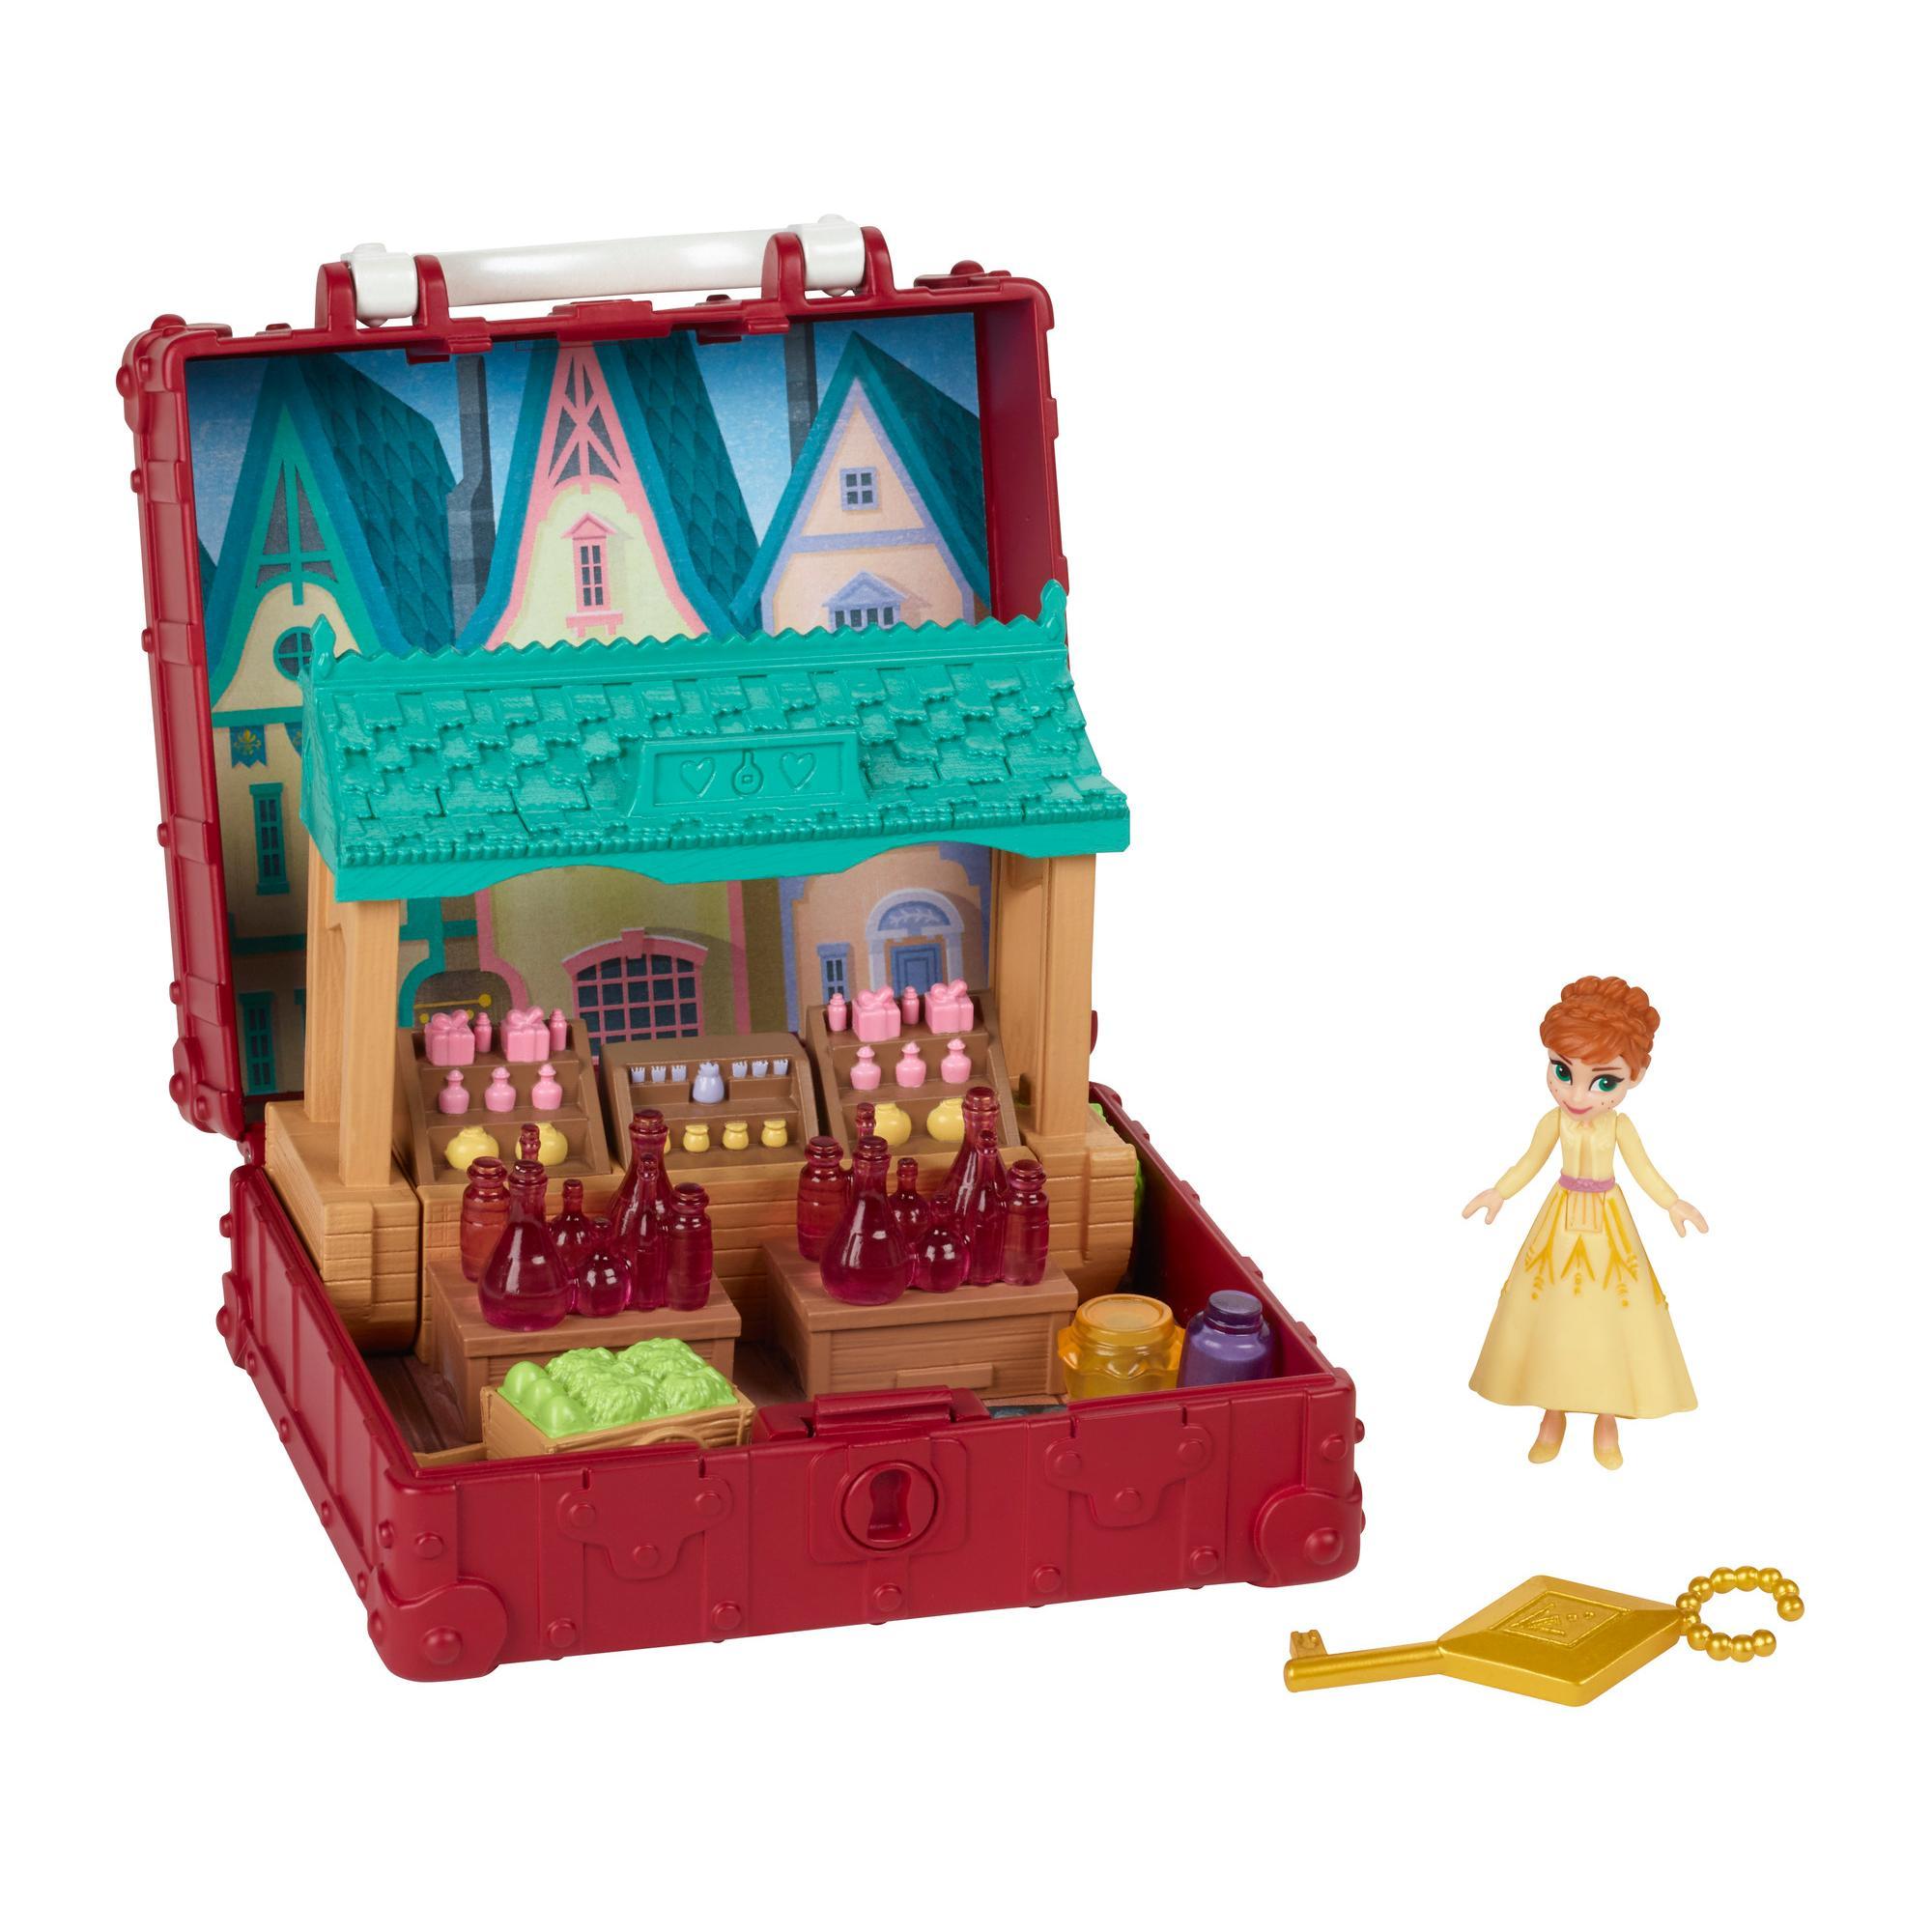 Disney Eiskönigin Pop-Up Abenteuer Dorfset Spielset mit Griff, inklusive Anna Puppe zum Disney Film Die Eiskönigin 2